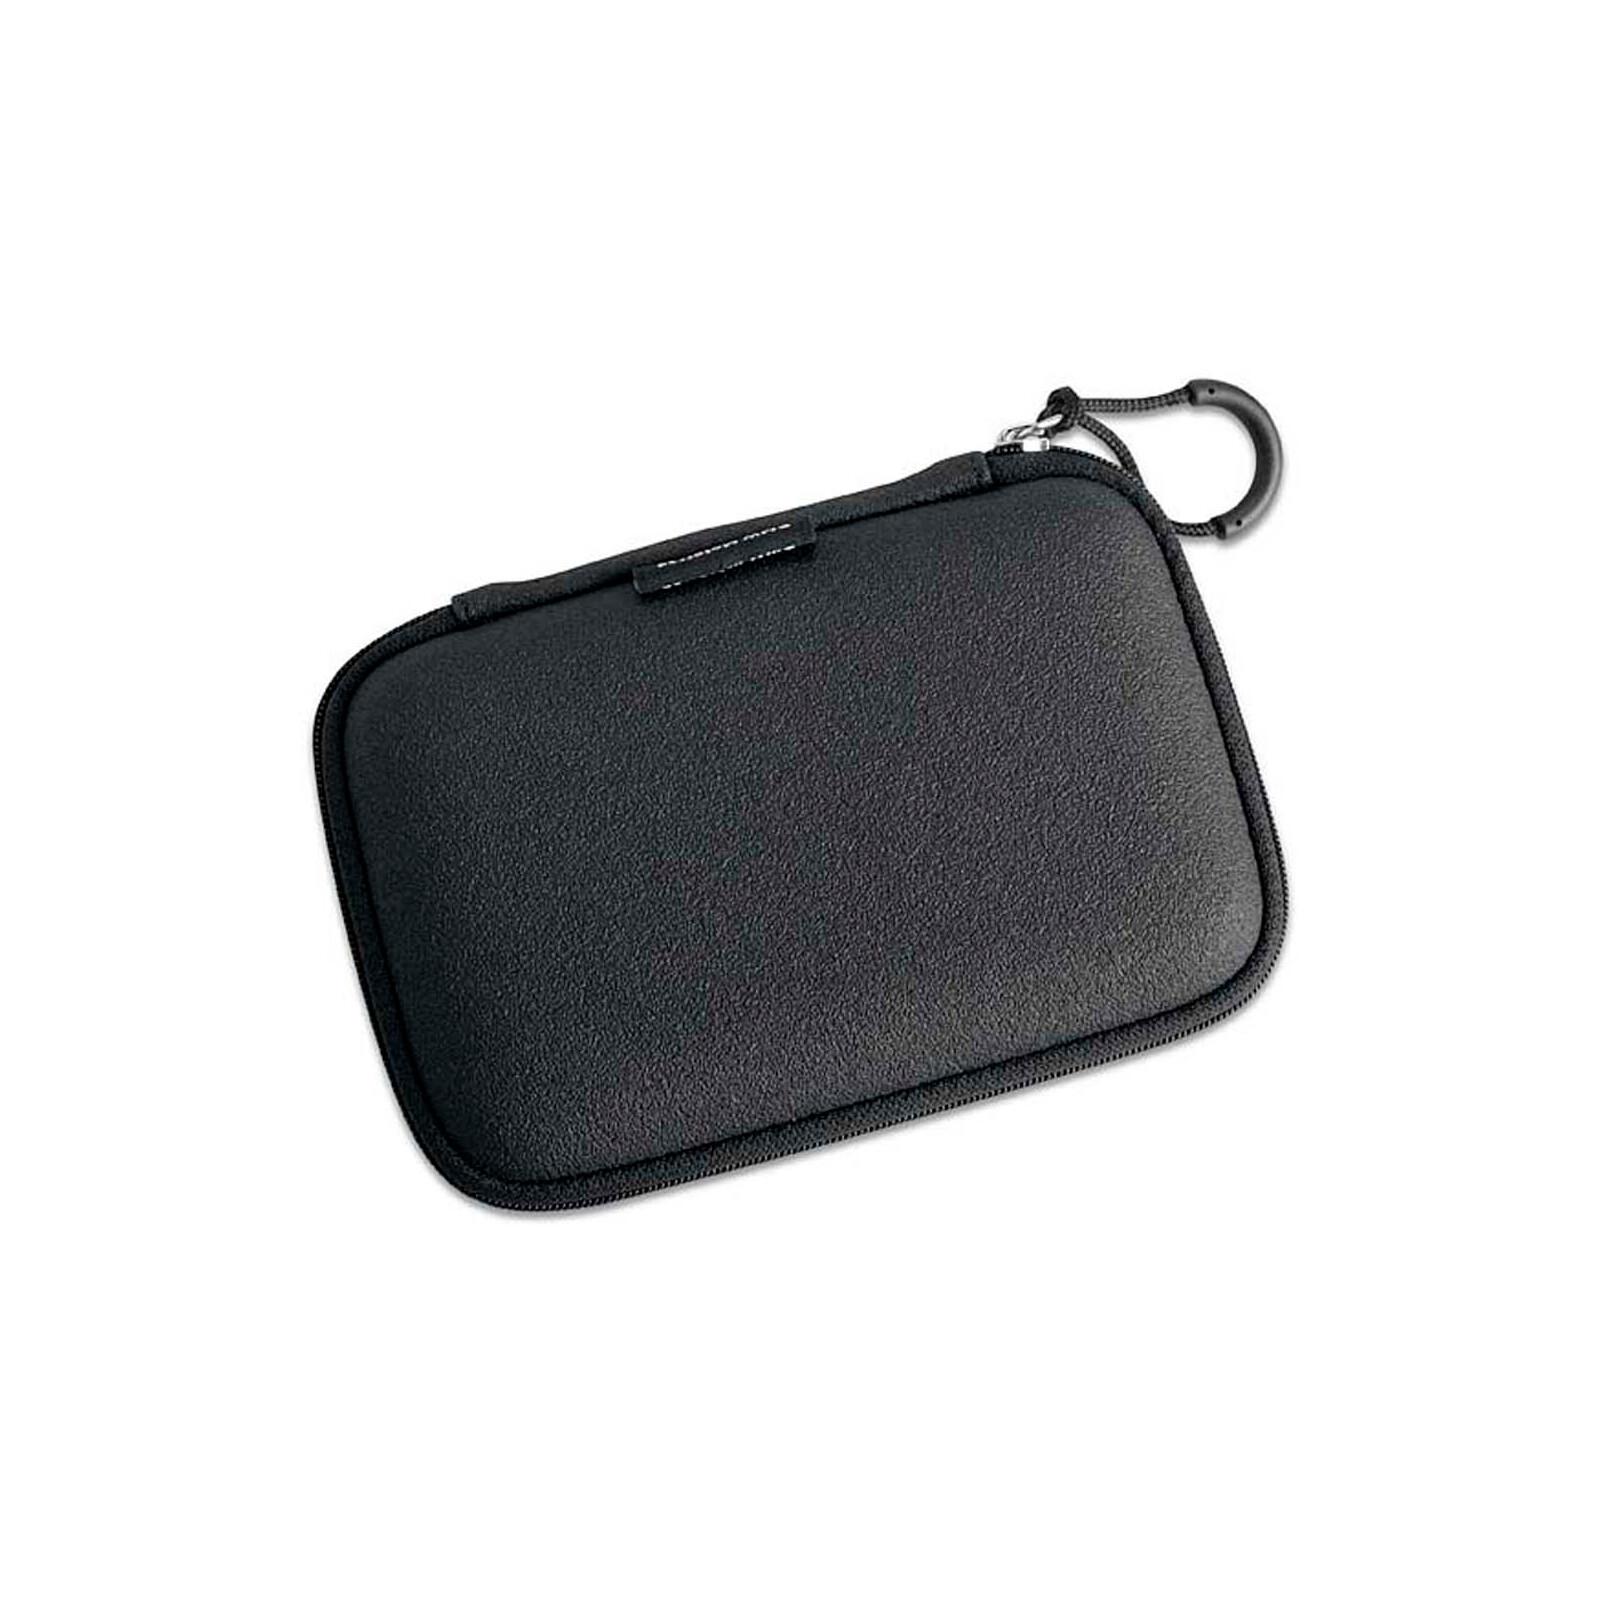 Garmin Zumo 660 Tasche